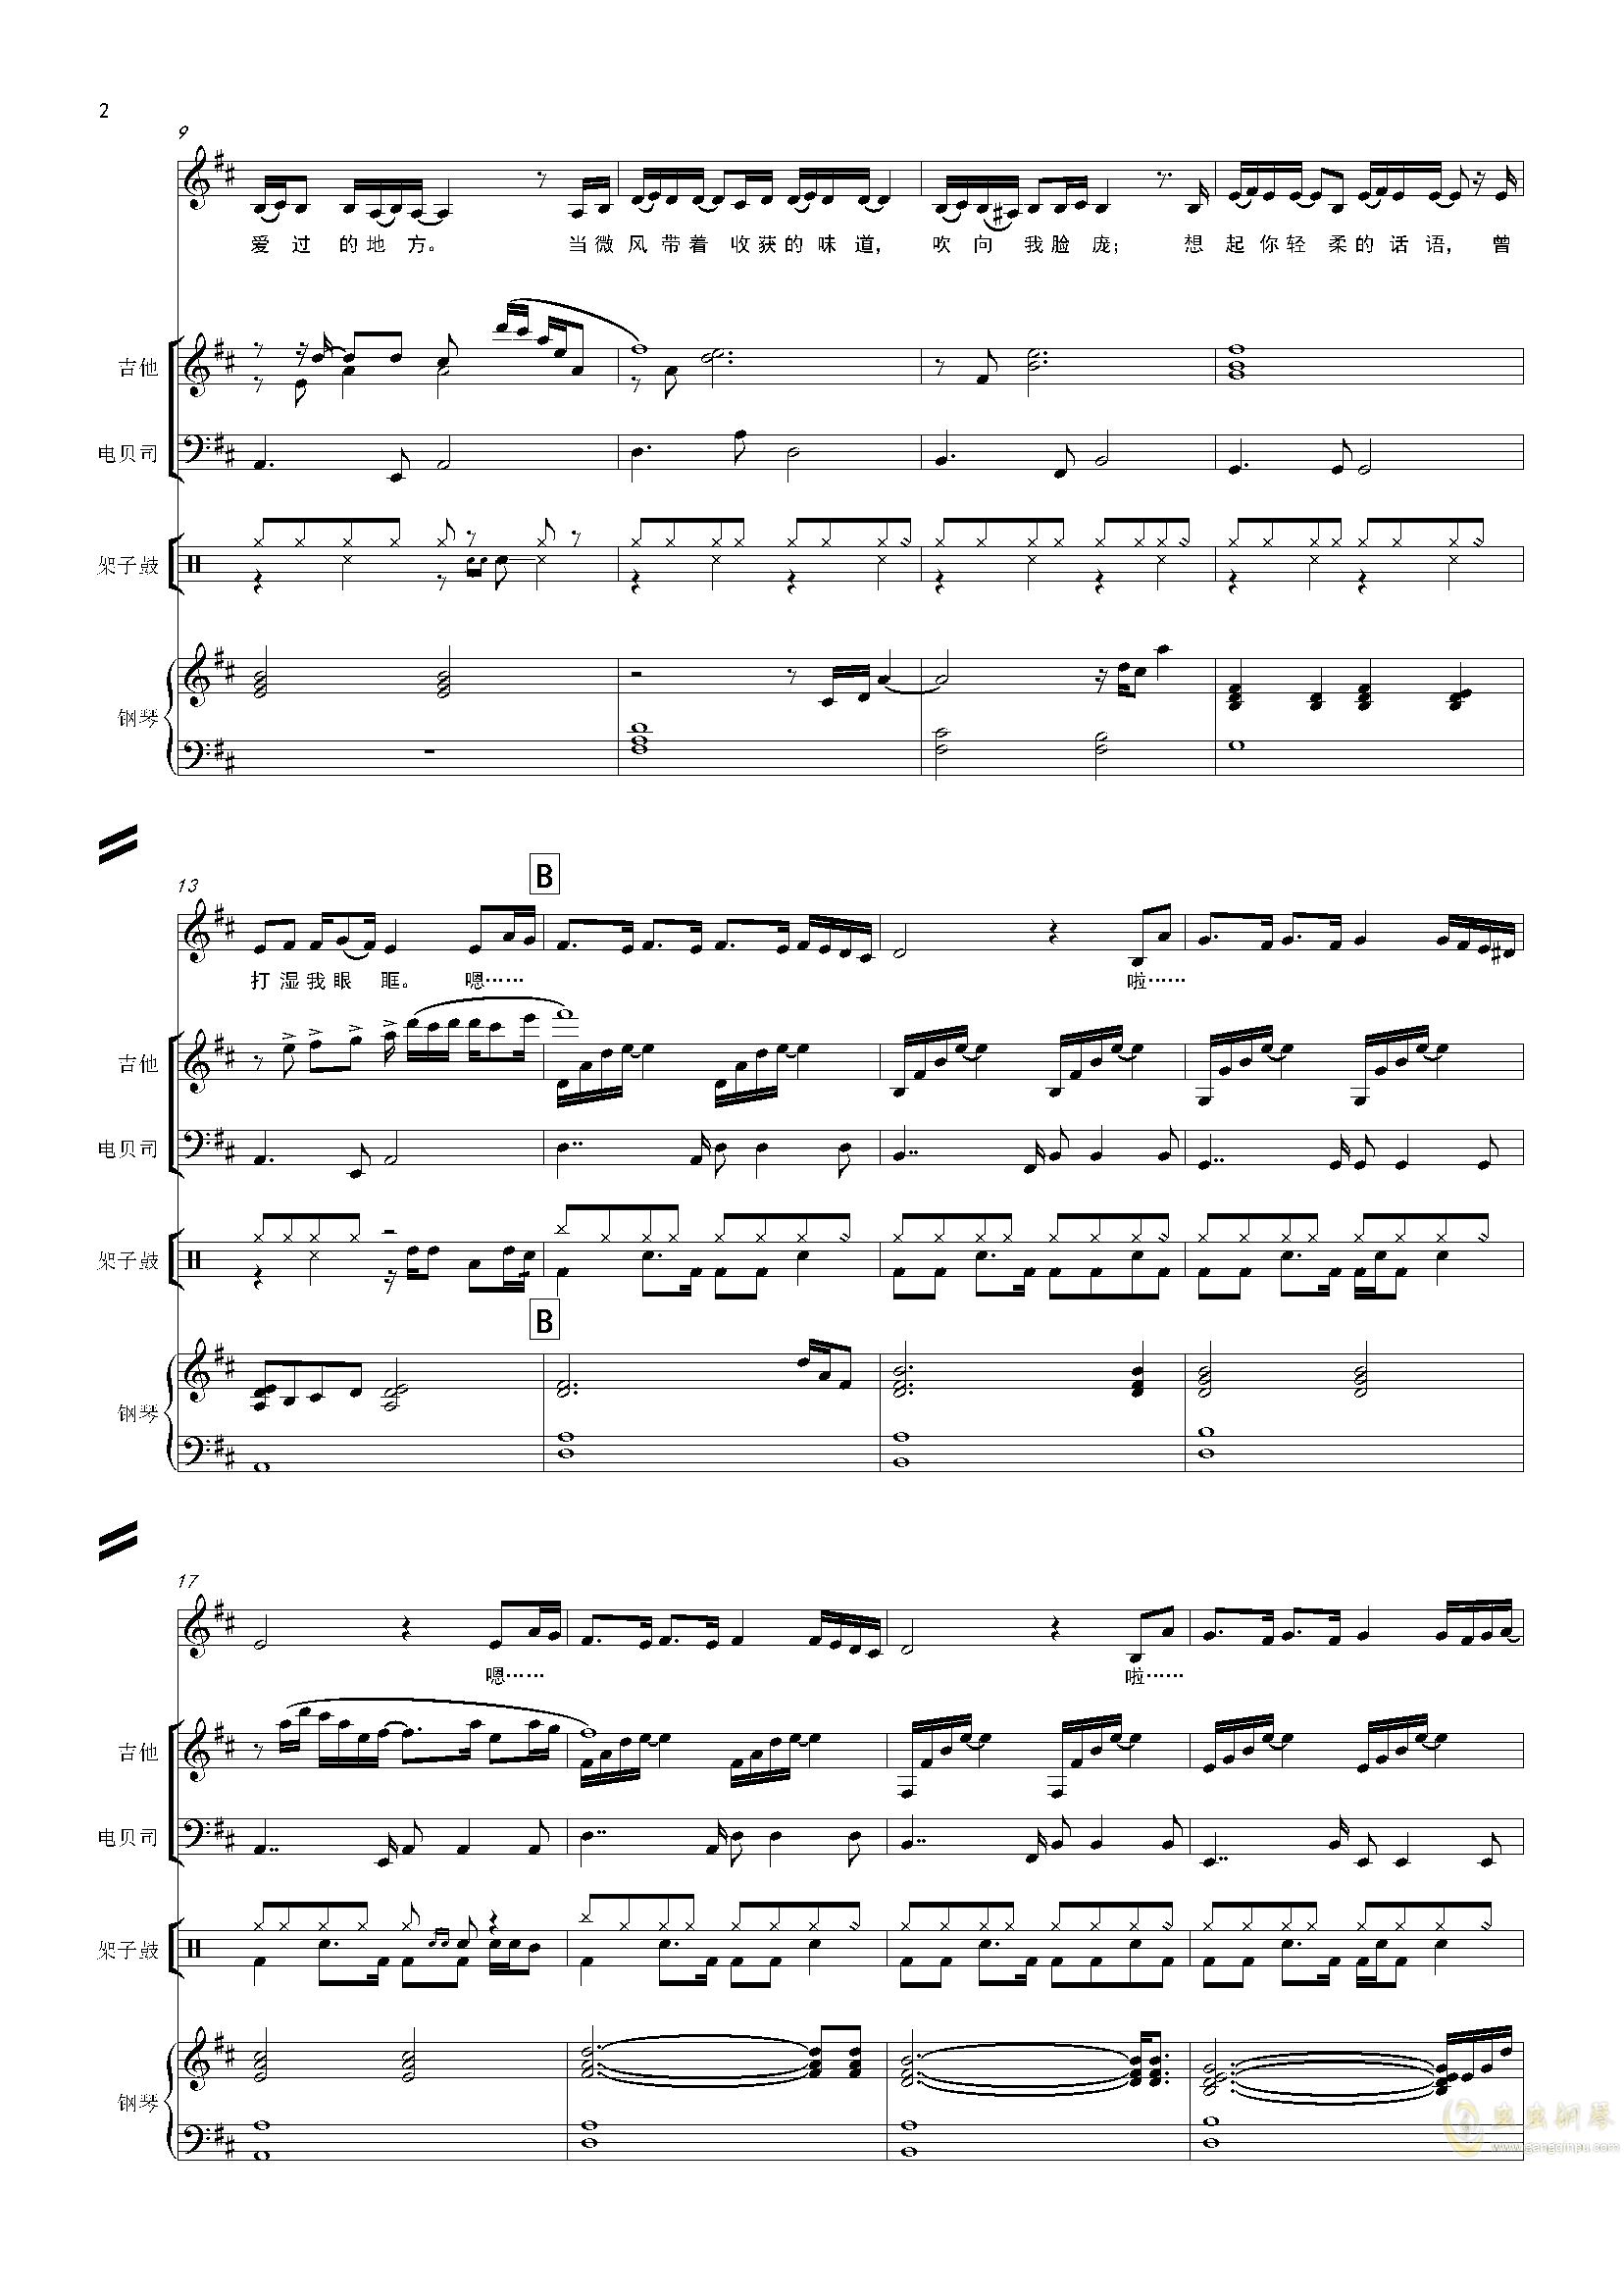 风吹麦浪ag88环亚娱乐谱 第2页